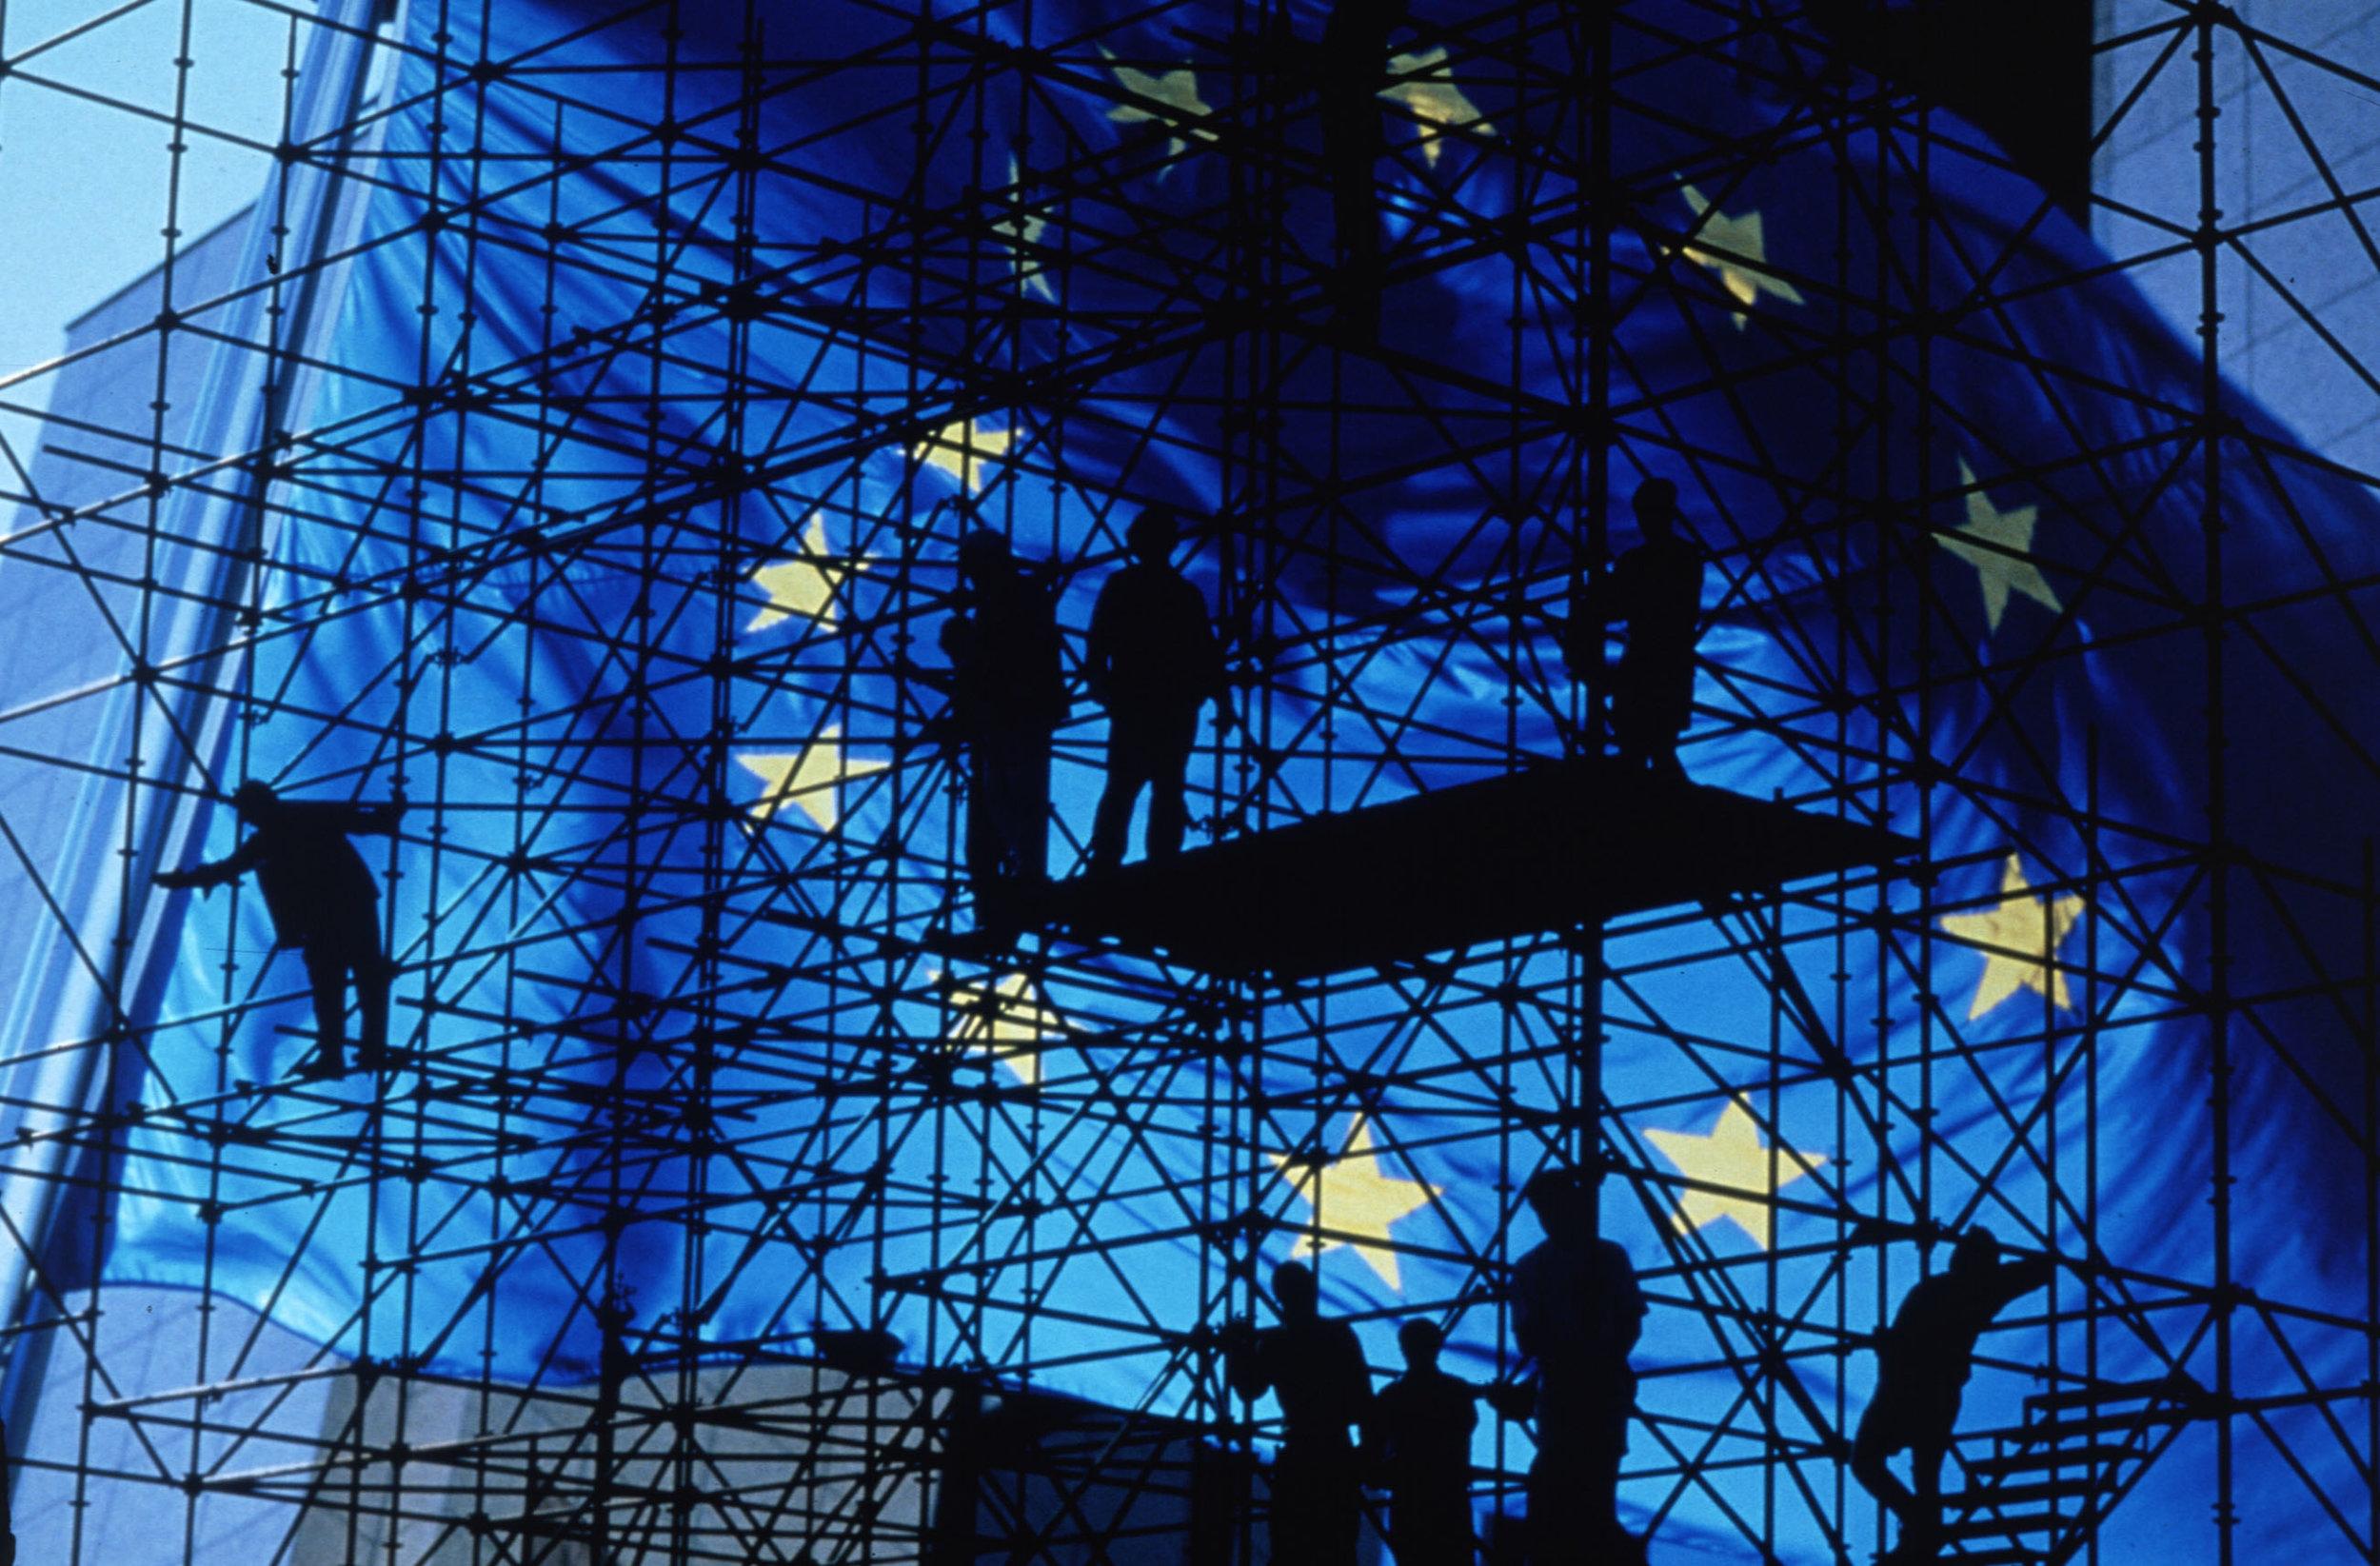 Interessensgruppen bei der Arbeit? © European Communities 2004/Source EC Audiovisual Services